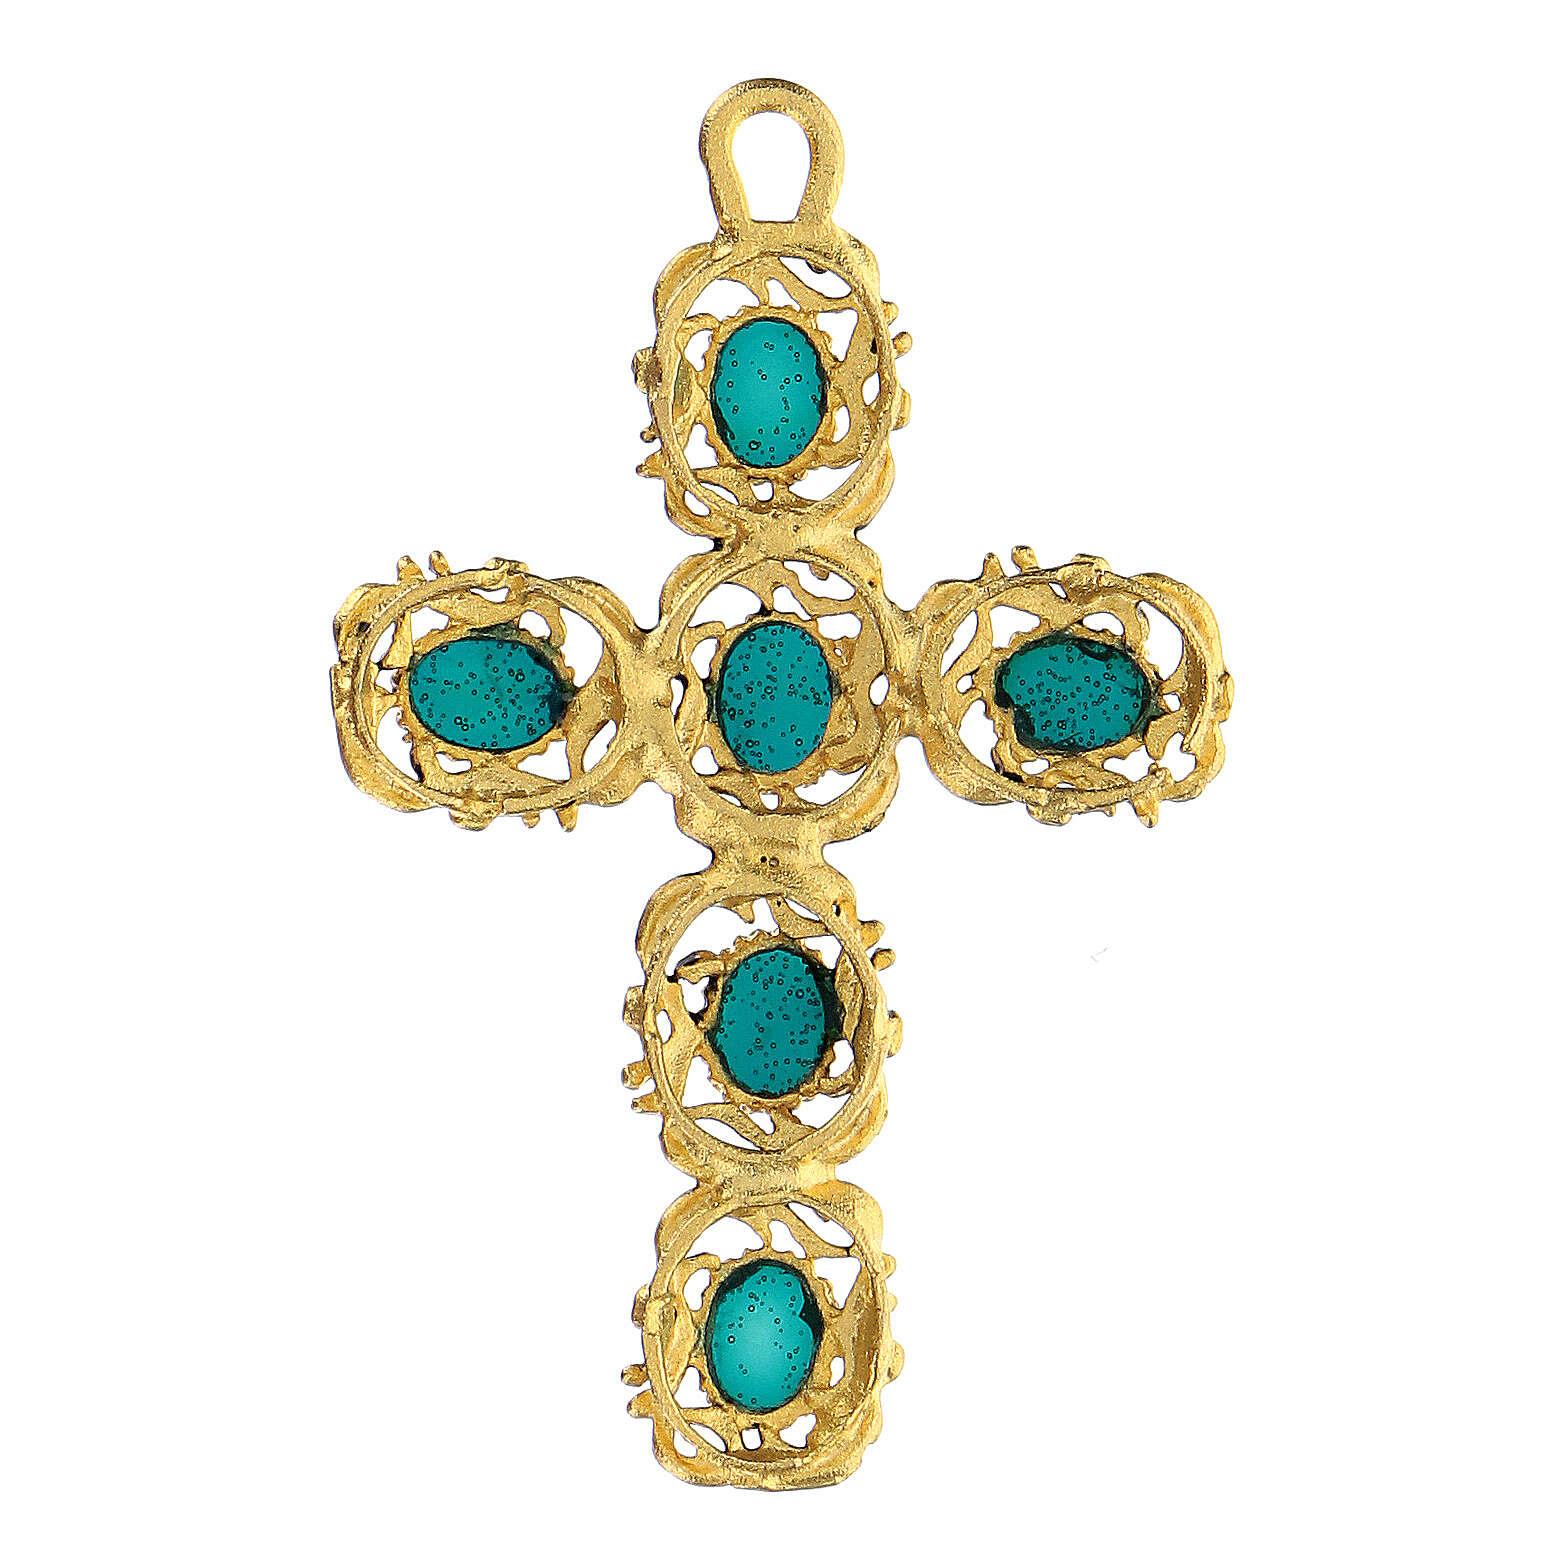 Pingente cruz catedral zamak dourado e decorações esmalte 4